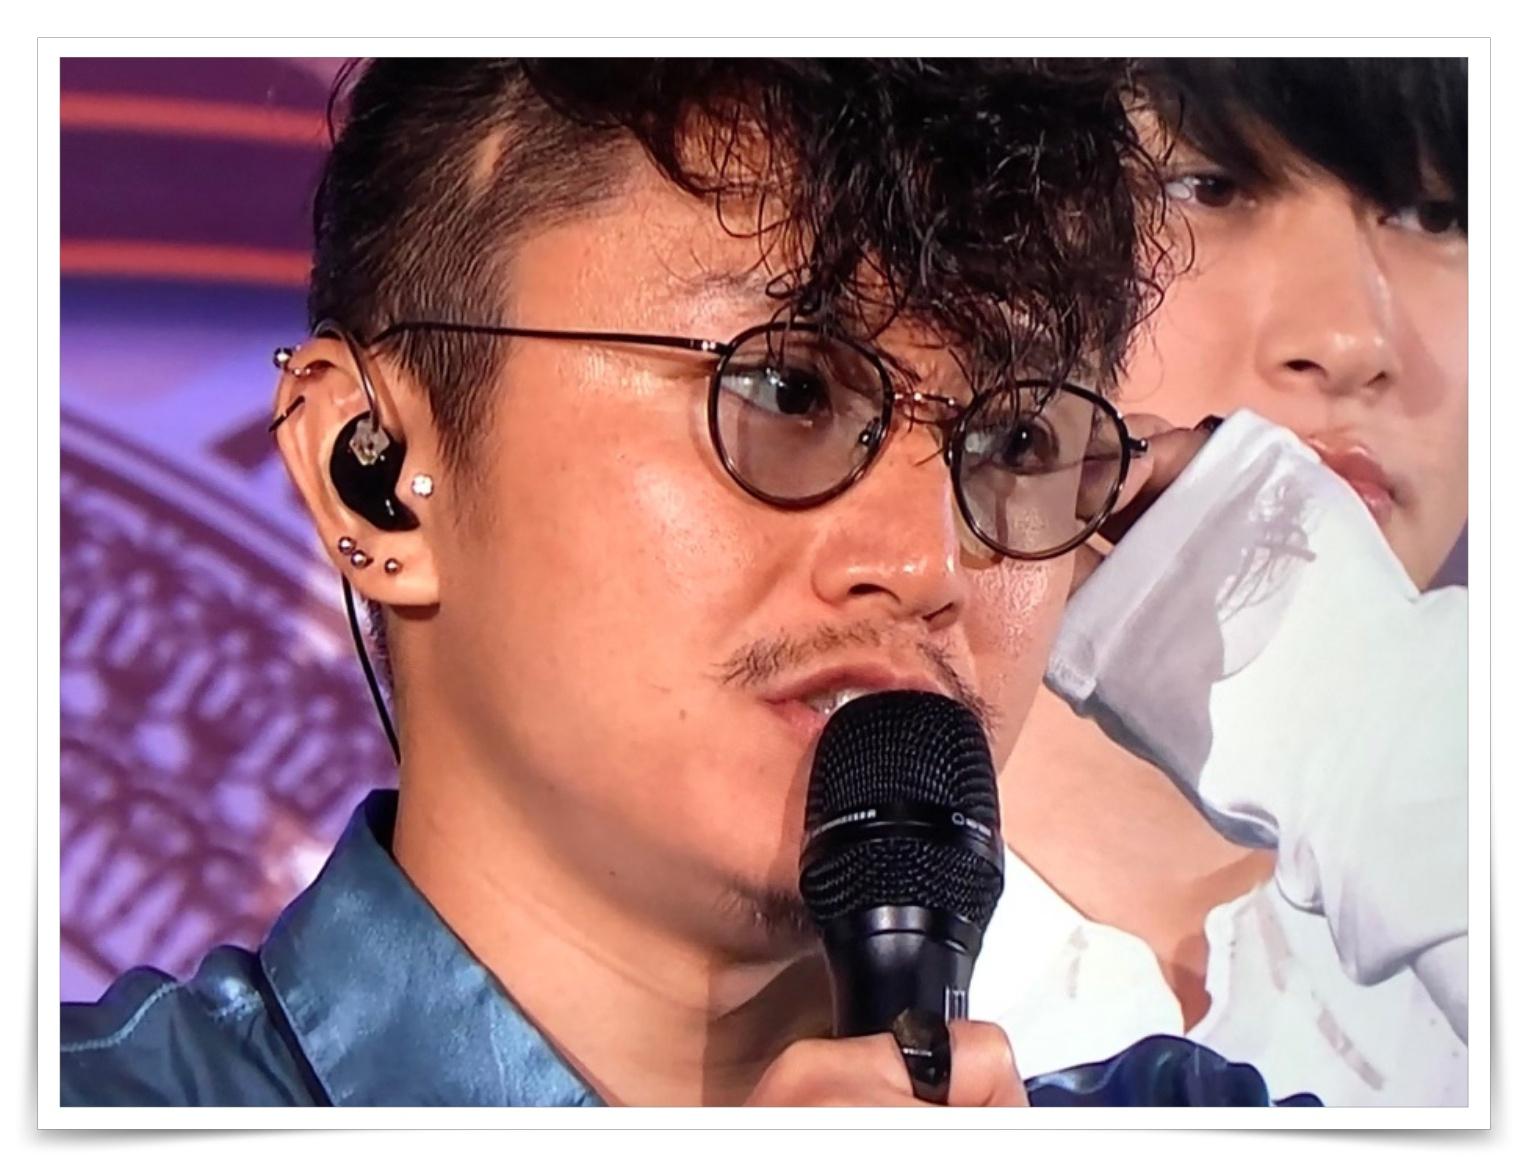 安田章大の髄膜腫後遺症で色つきメガネのサングラス画像